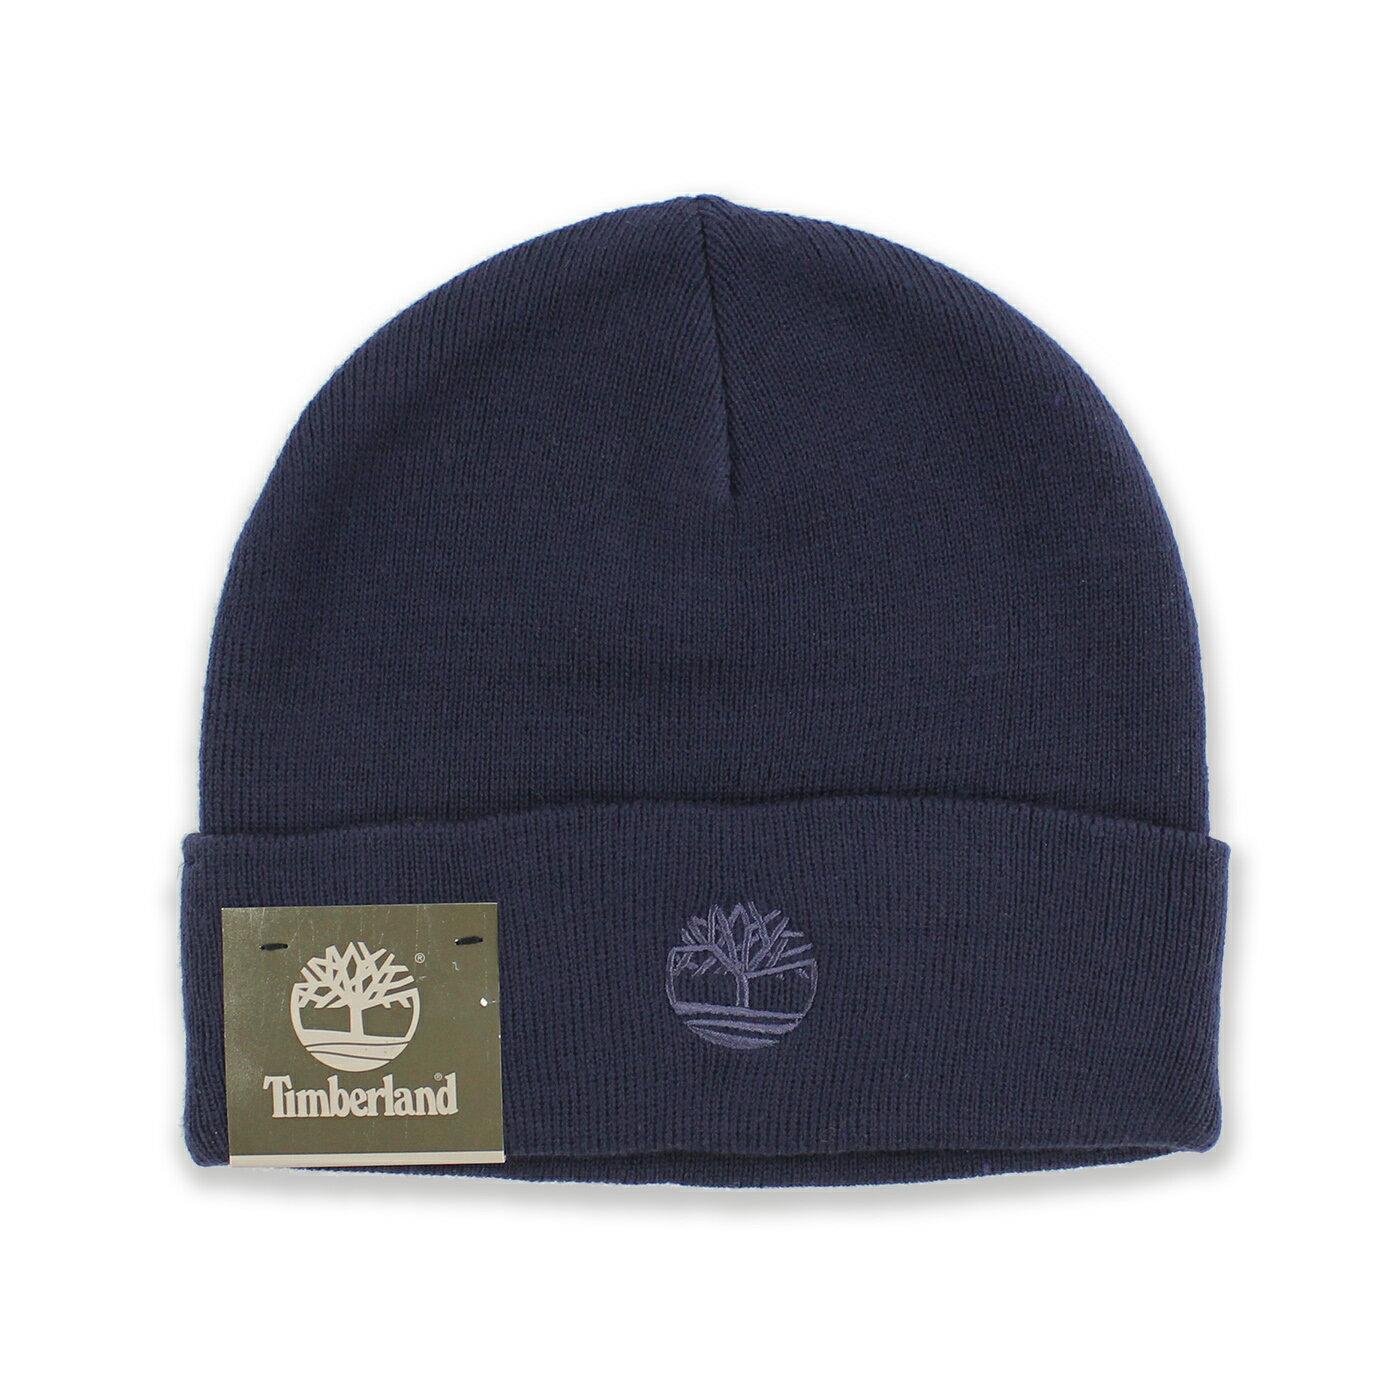 美國百分百【Timberland】帽子 配件 針織帽 毛帽 素面 男 女 反折 刺繡 深藍 台灣製造 B557